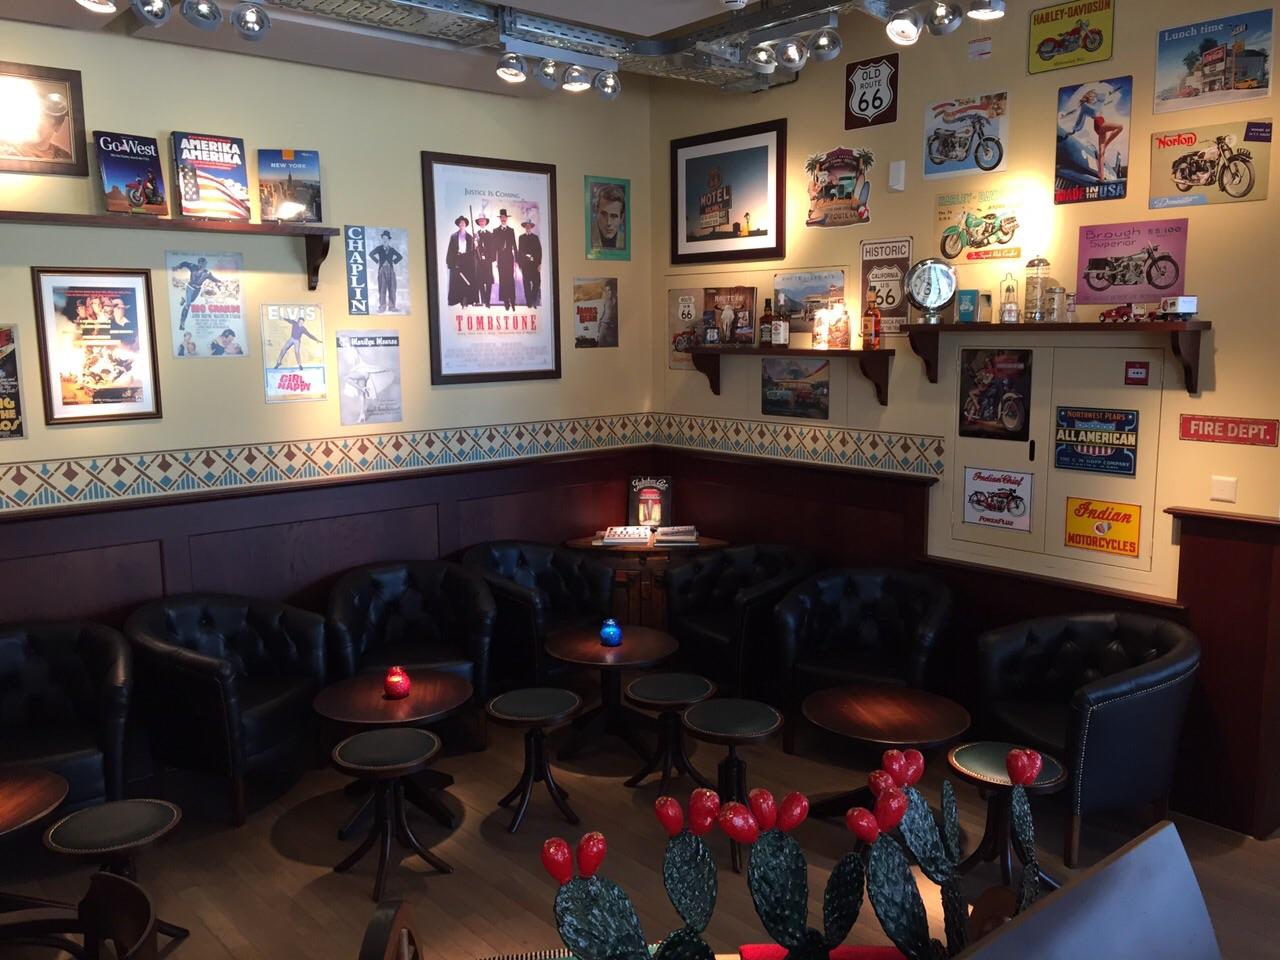 Route 66 Store Restaurant Bar Stars Stripes Glattpark Zurich